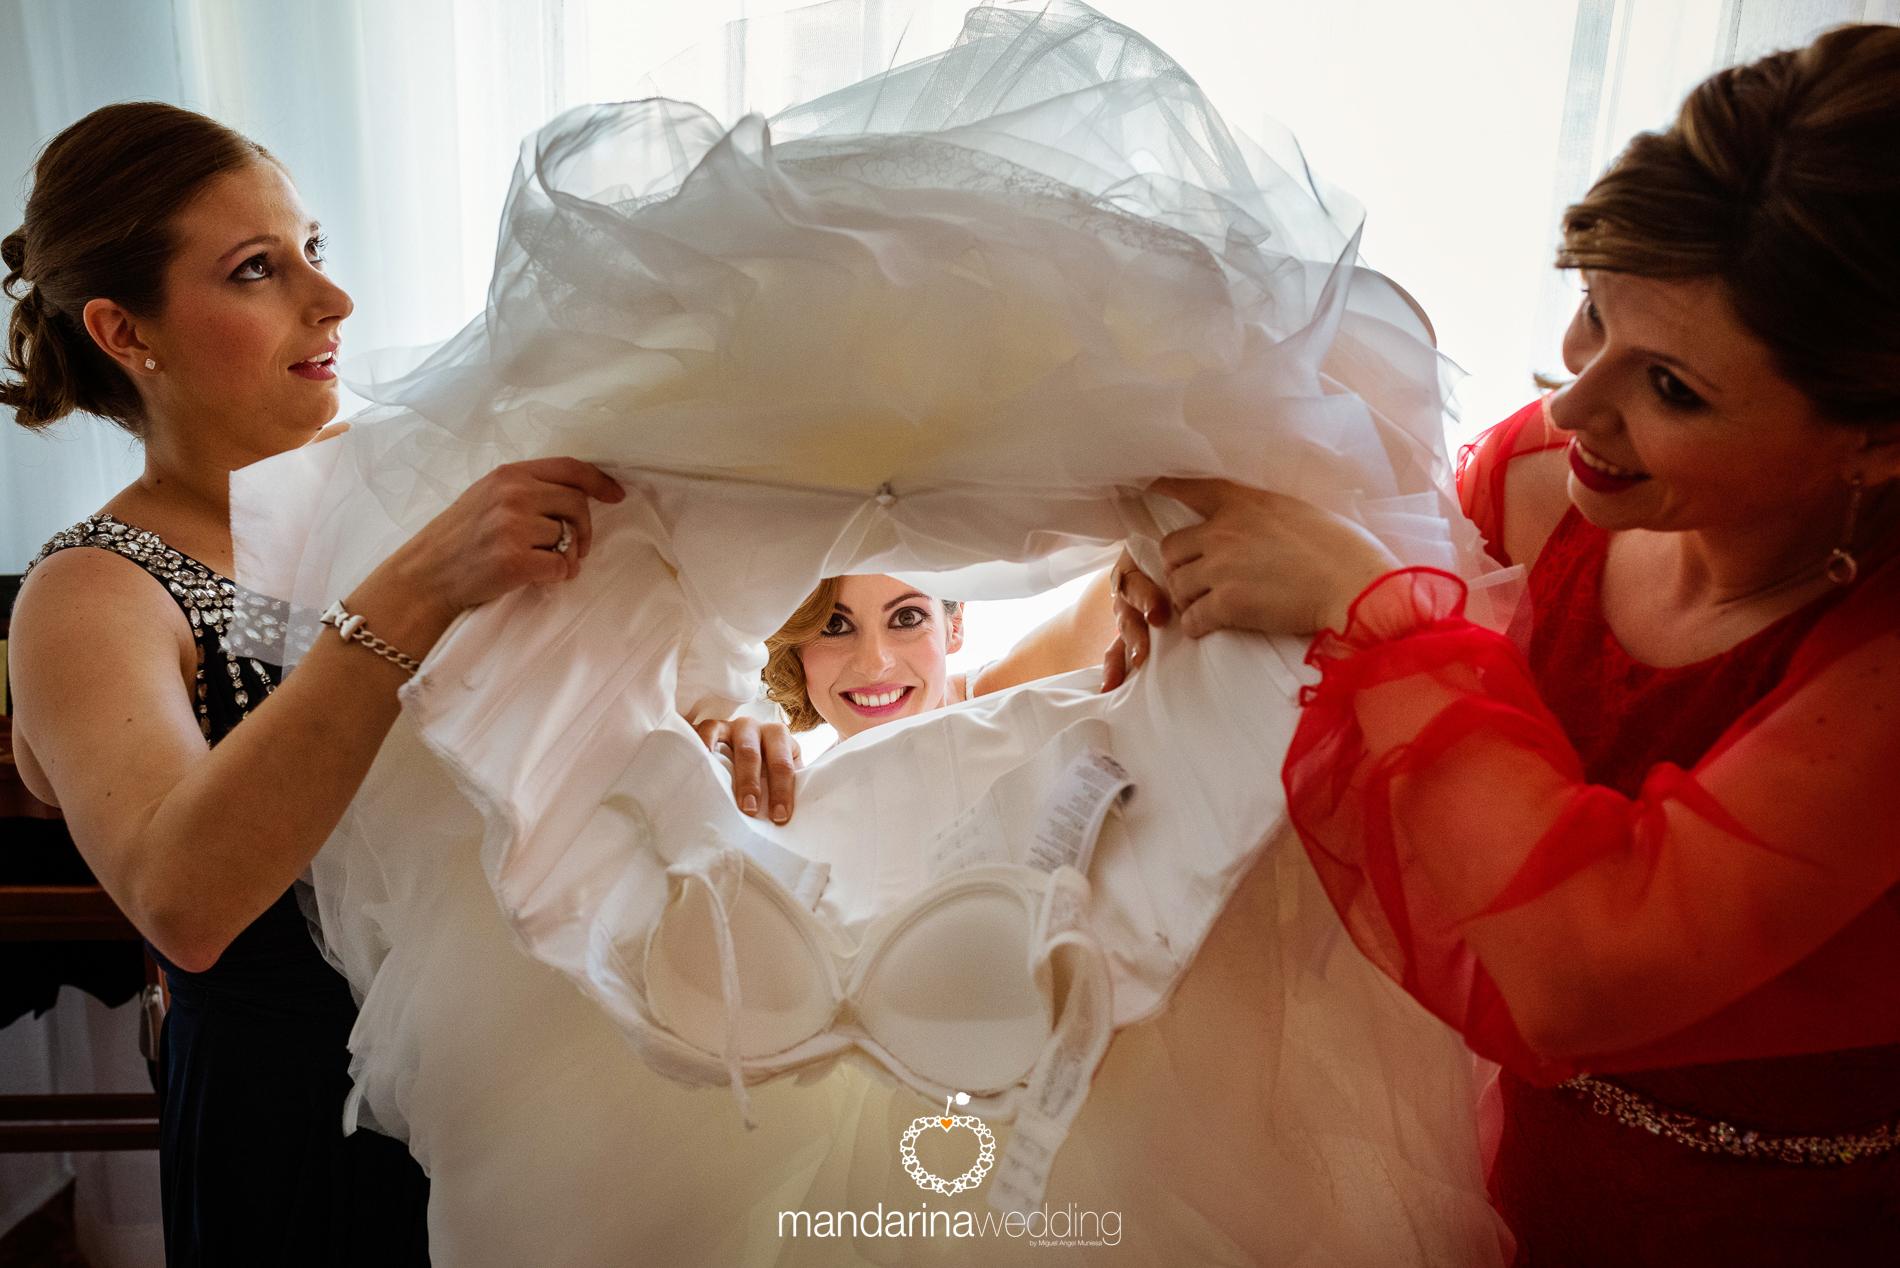 mandarina wedding_05